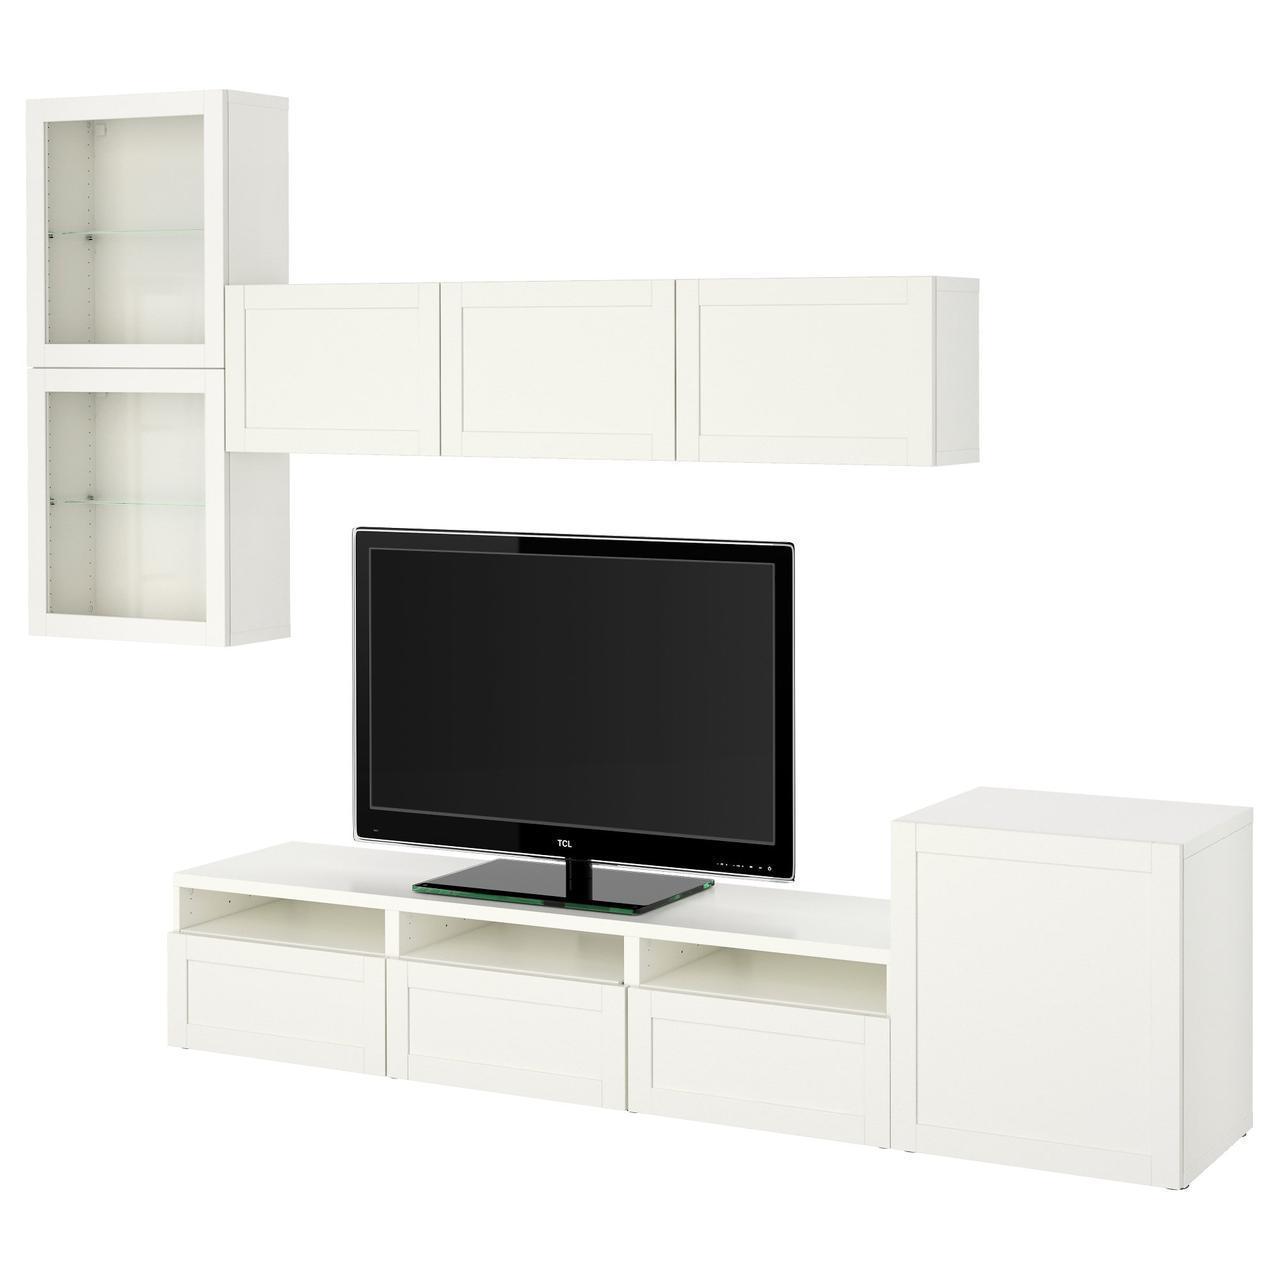 IKEA BESTA Тумба под телевизор с стеклянными дверьми, Ханвикен, Синдвик белое ясное (291.918.29)